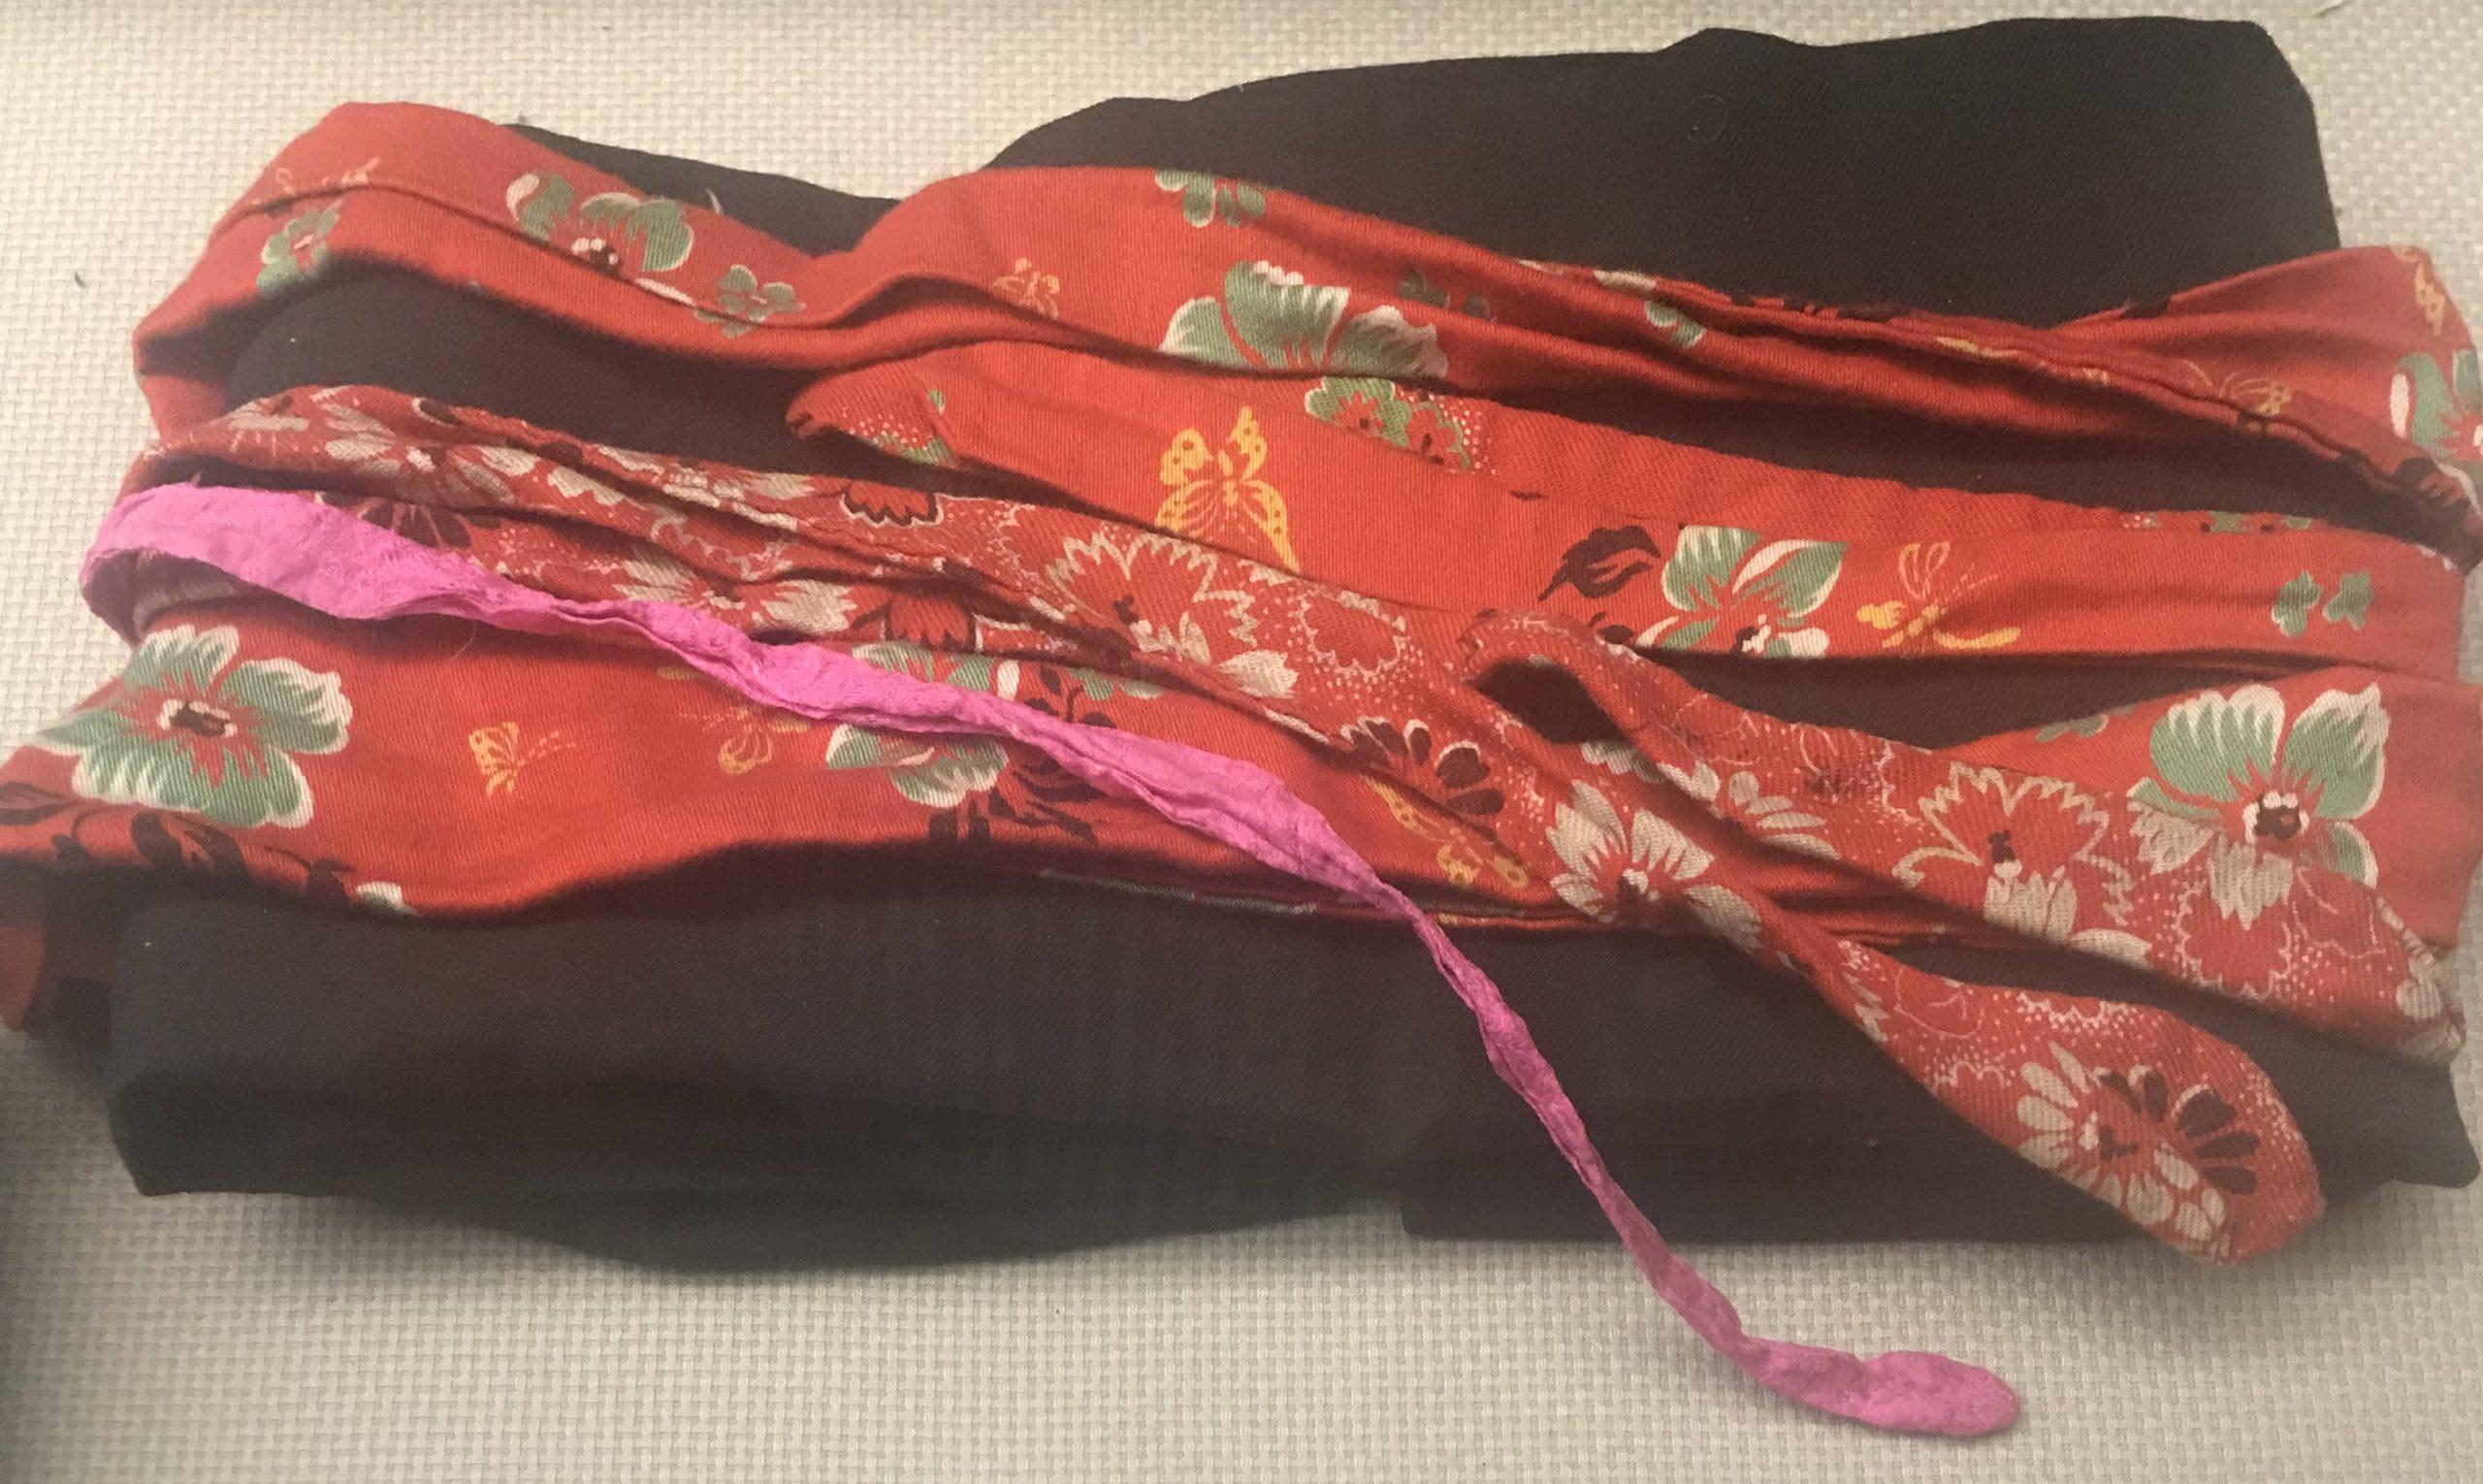 青線嗶嘰マフラー-チャン族衣装-四川民族文物館-四川博物館-成都